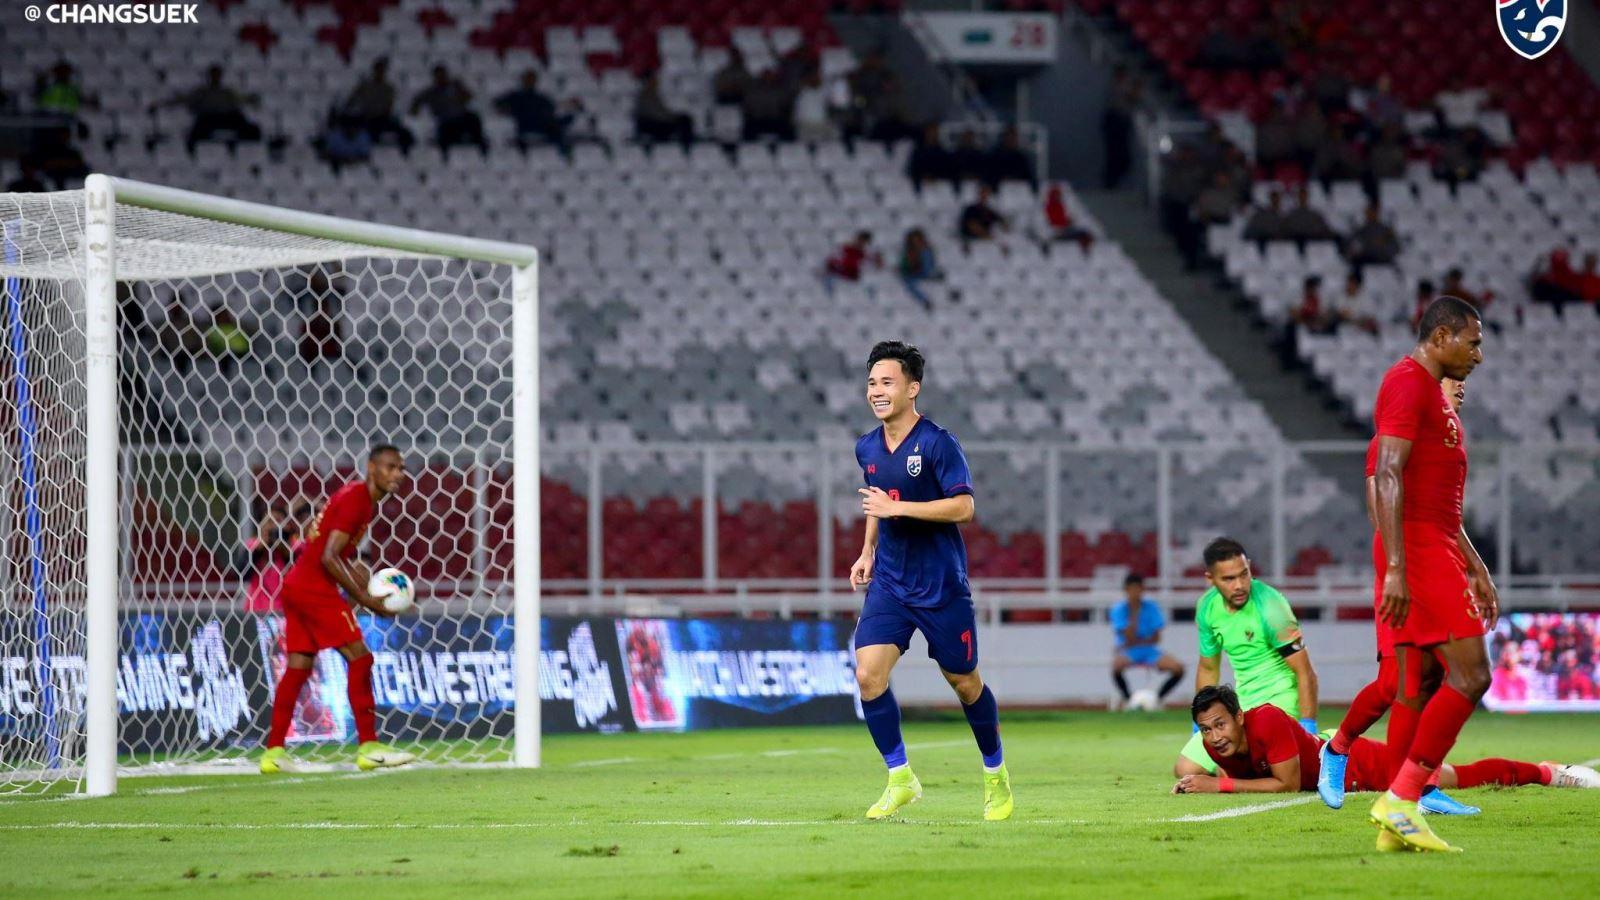 truc tiep bong da hôm nay, Supachok Sarachat, Indonesia vs Thái Lan, trực tiếp bóng đá, Việt Nam, Malaysia vs UAE, VTC1, VTC3, VTV6, VTV5, xem bóng đá trực tuyến, Thailand vs Indonesia